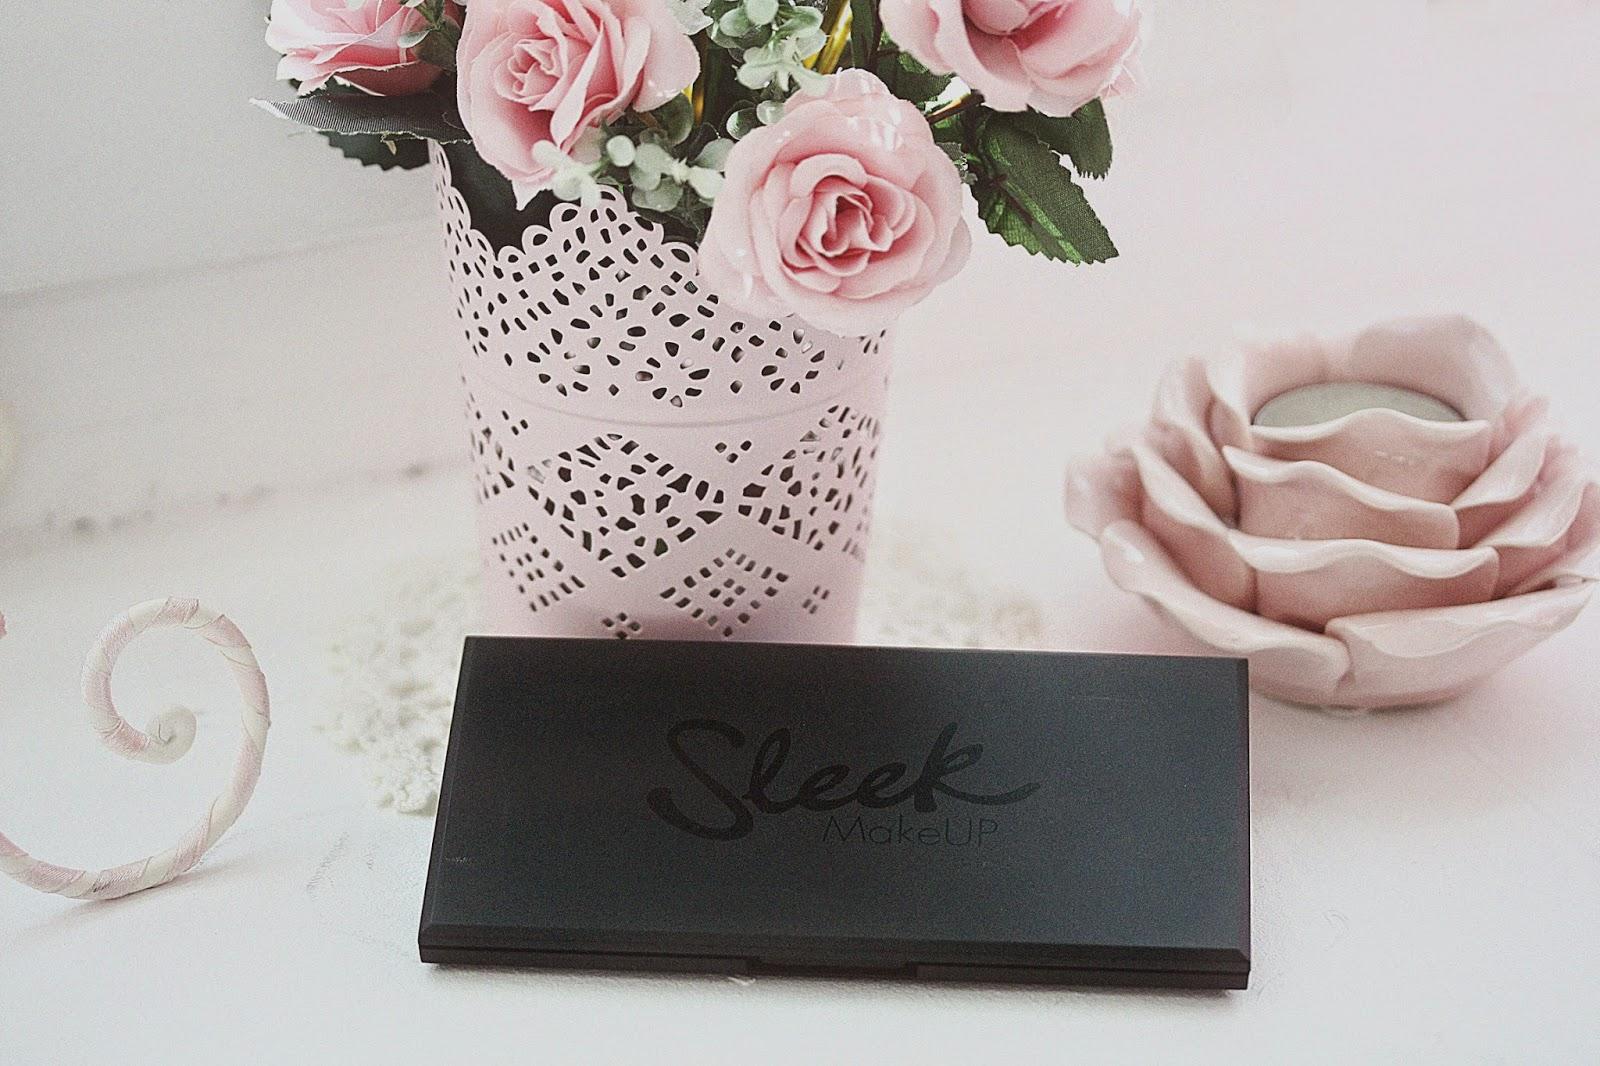 rosemademoiselle-sleek-haul-idivine-au-naturel-vintage-romance